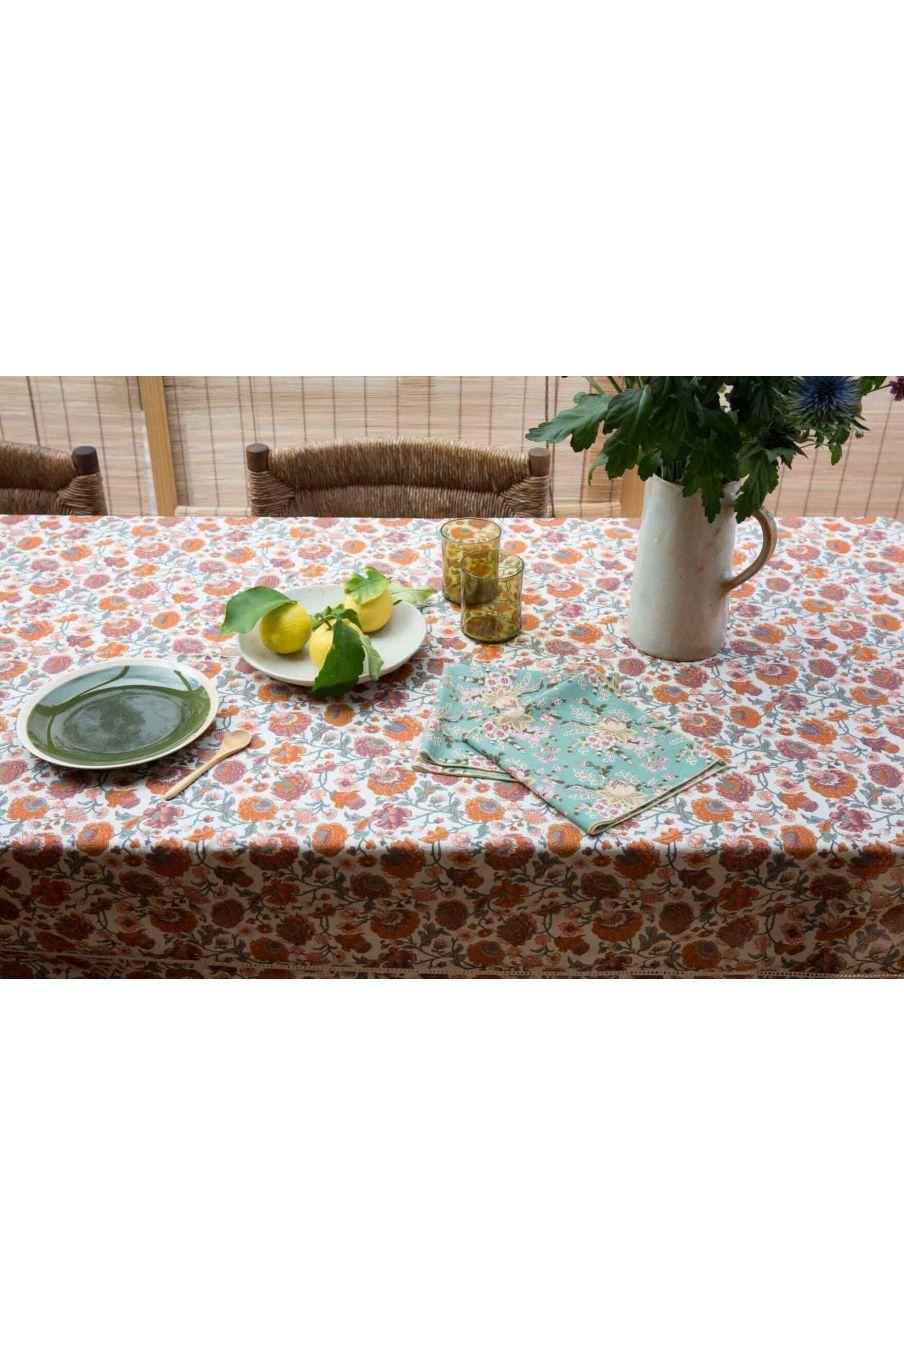 serviette de table maison carlotta blue french flowers - louise misha